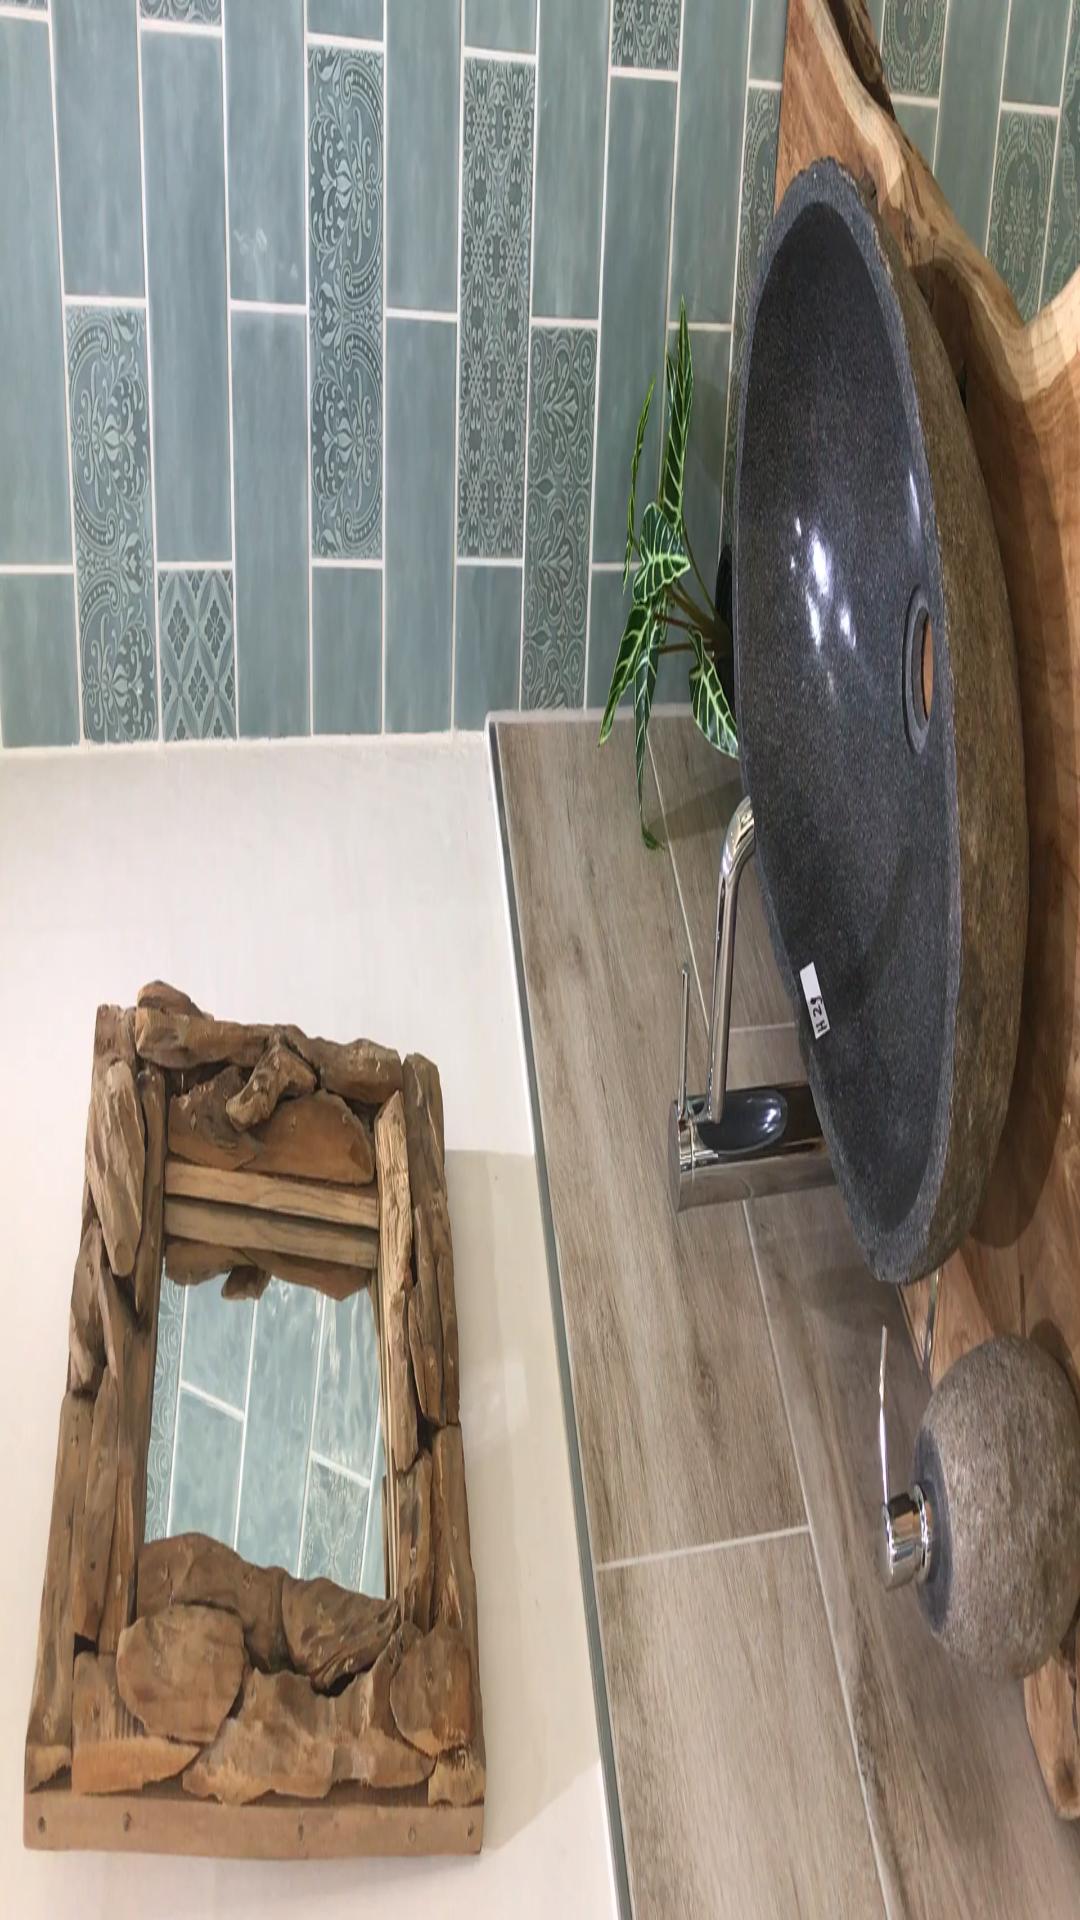 Retrostyle im Gäste WC Natursteinwaschbecken auf Holzplatten liegen im Trend dazu die passenden Metrofliesen und Dekoration von einem Holzspiegel und Hocker